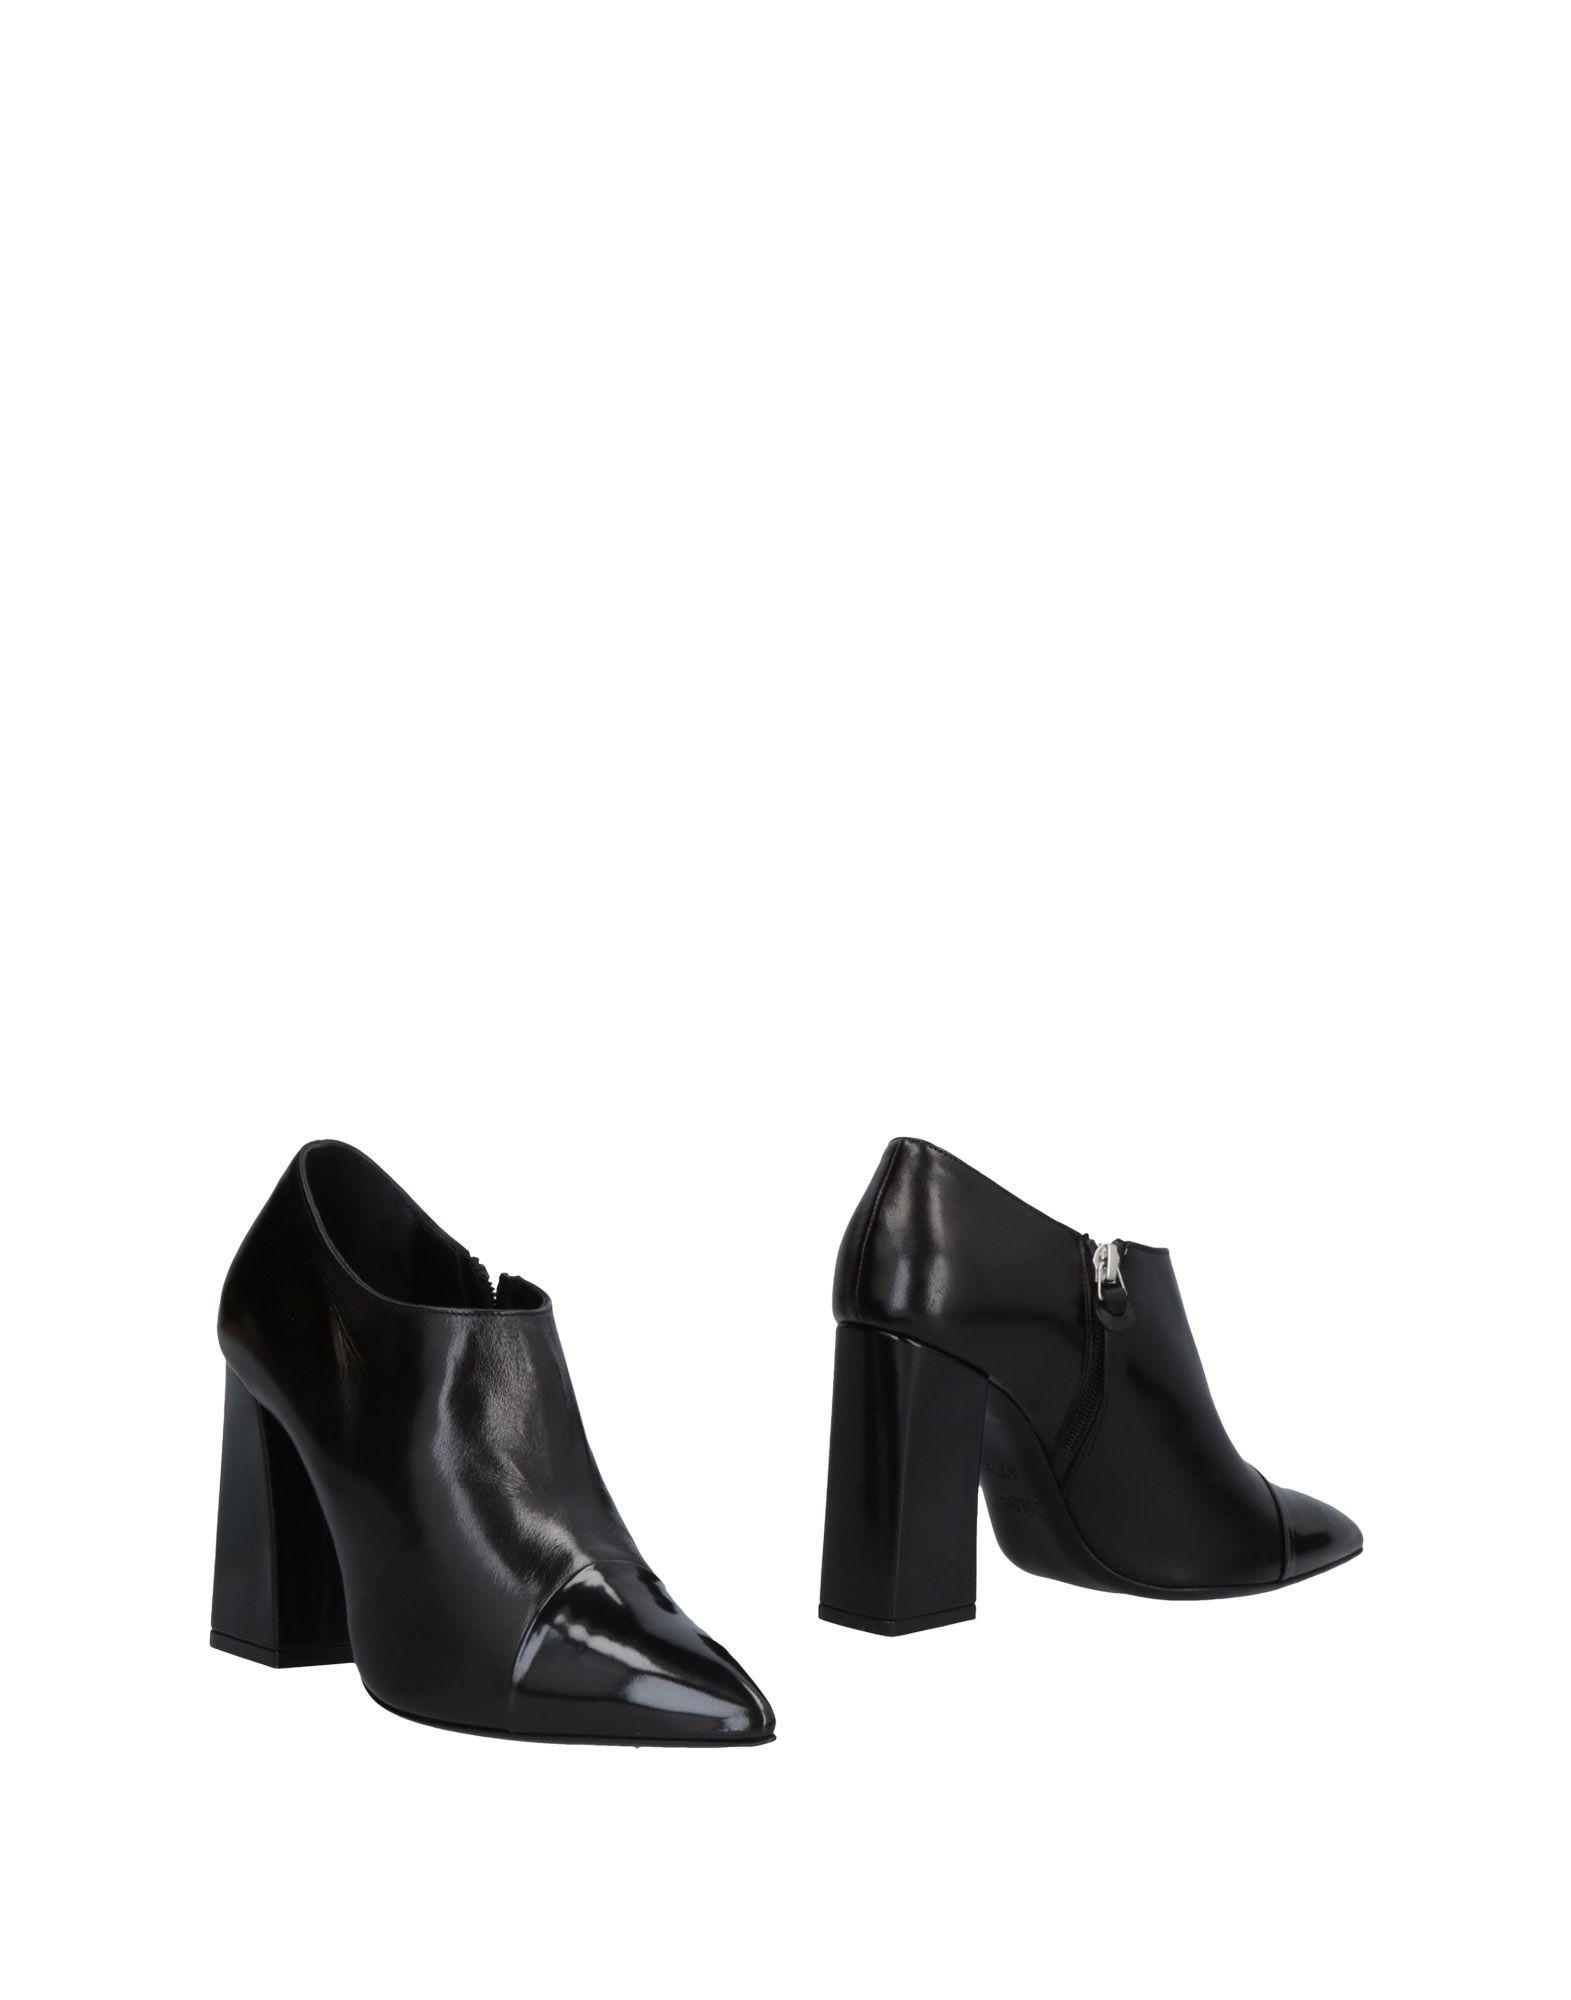 Festa 11487546VR Milano Stiefelette Damen  11487546VR Festa Gute Qualität beliebte Schuhe c16302